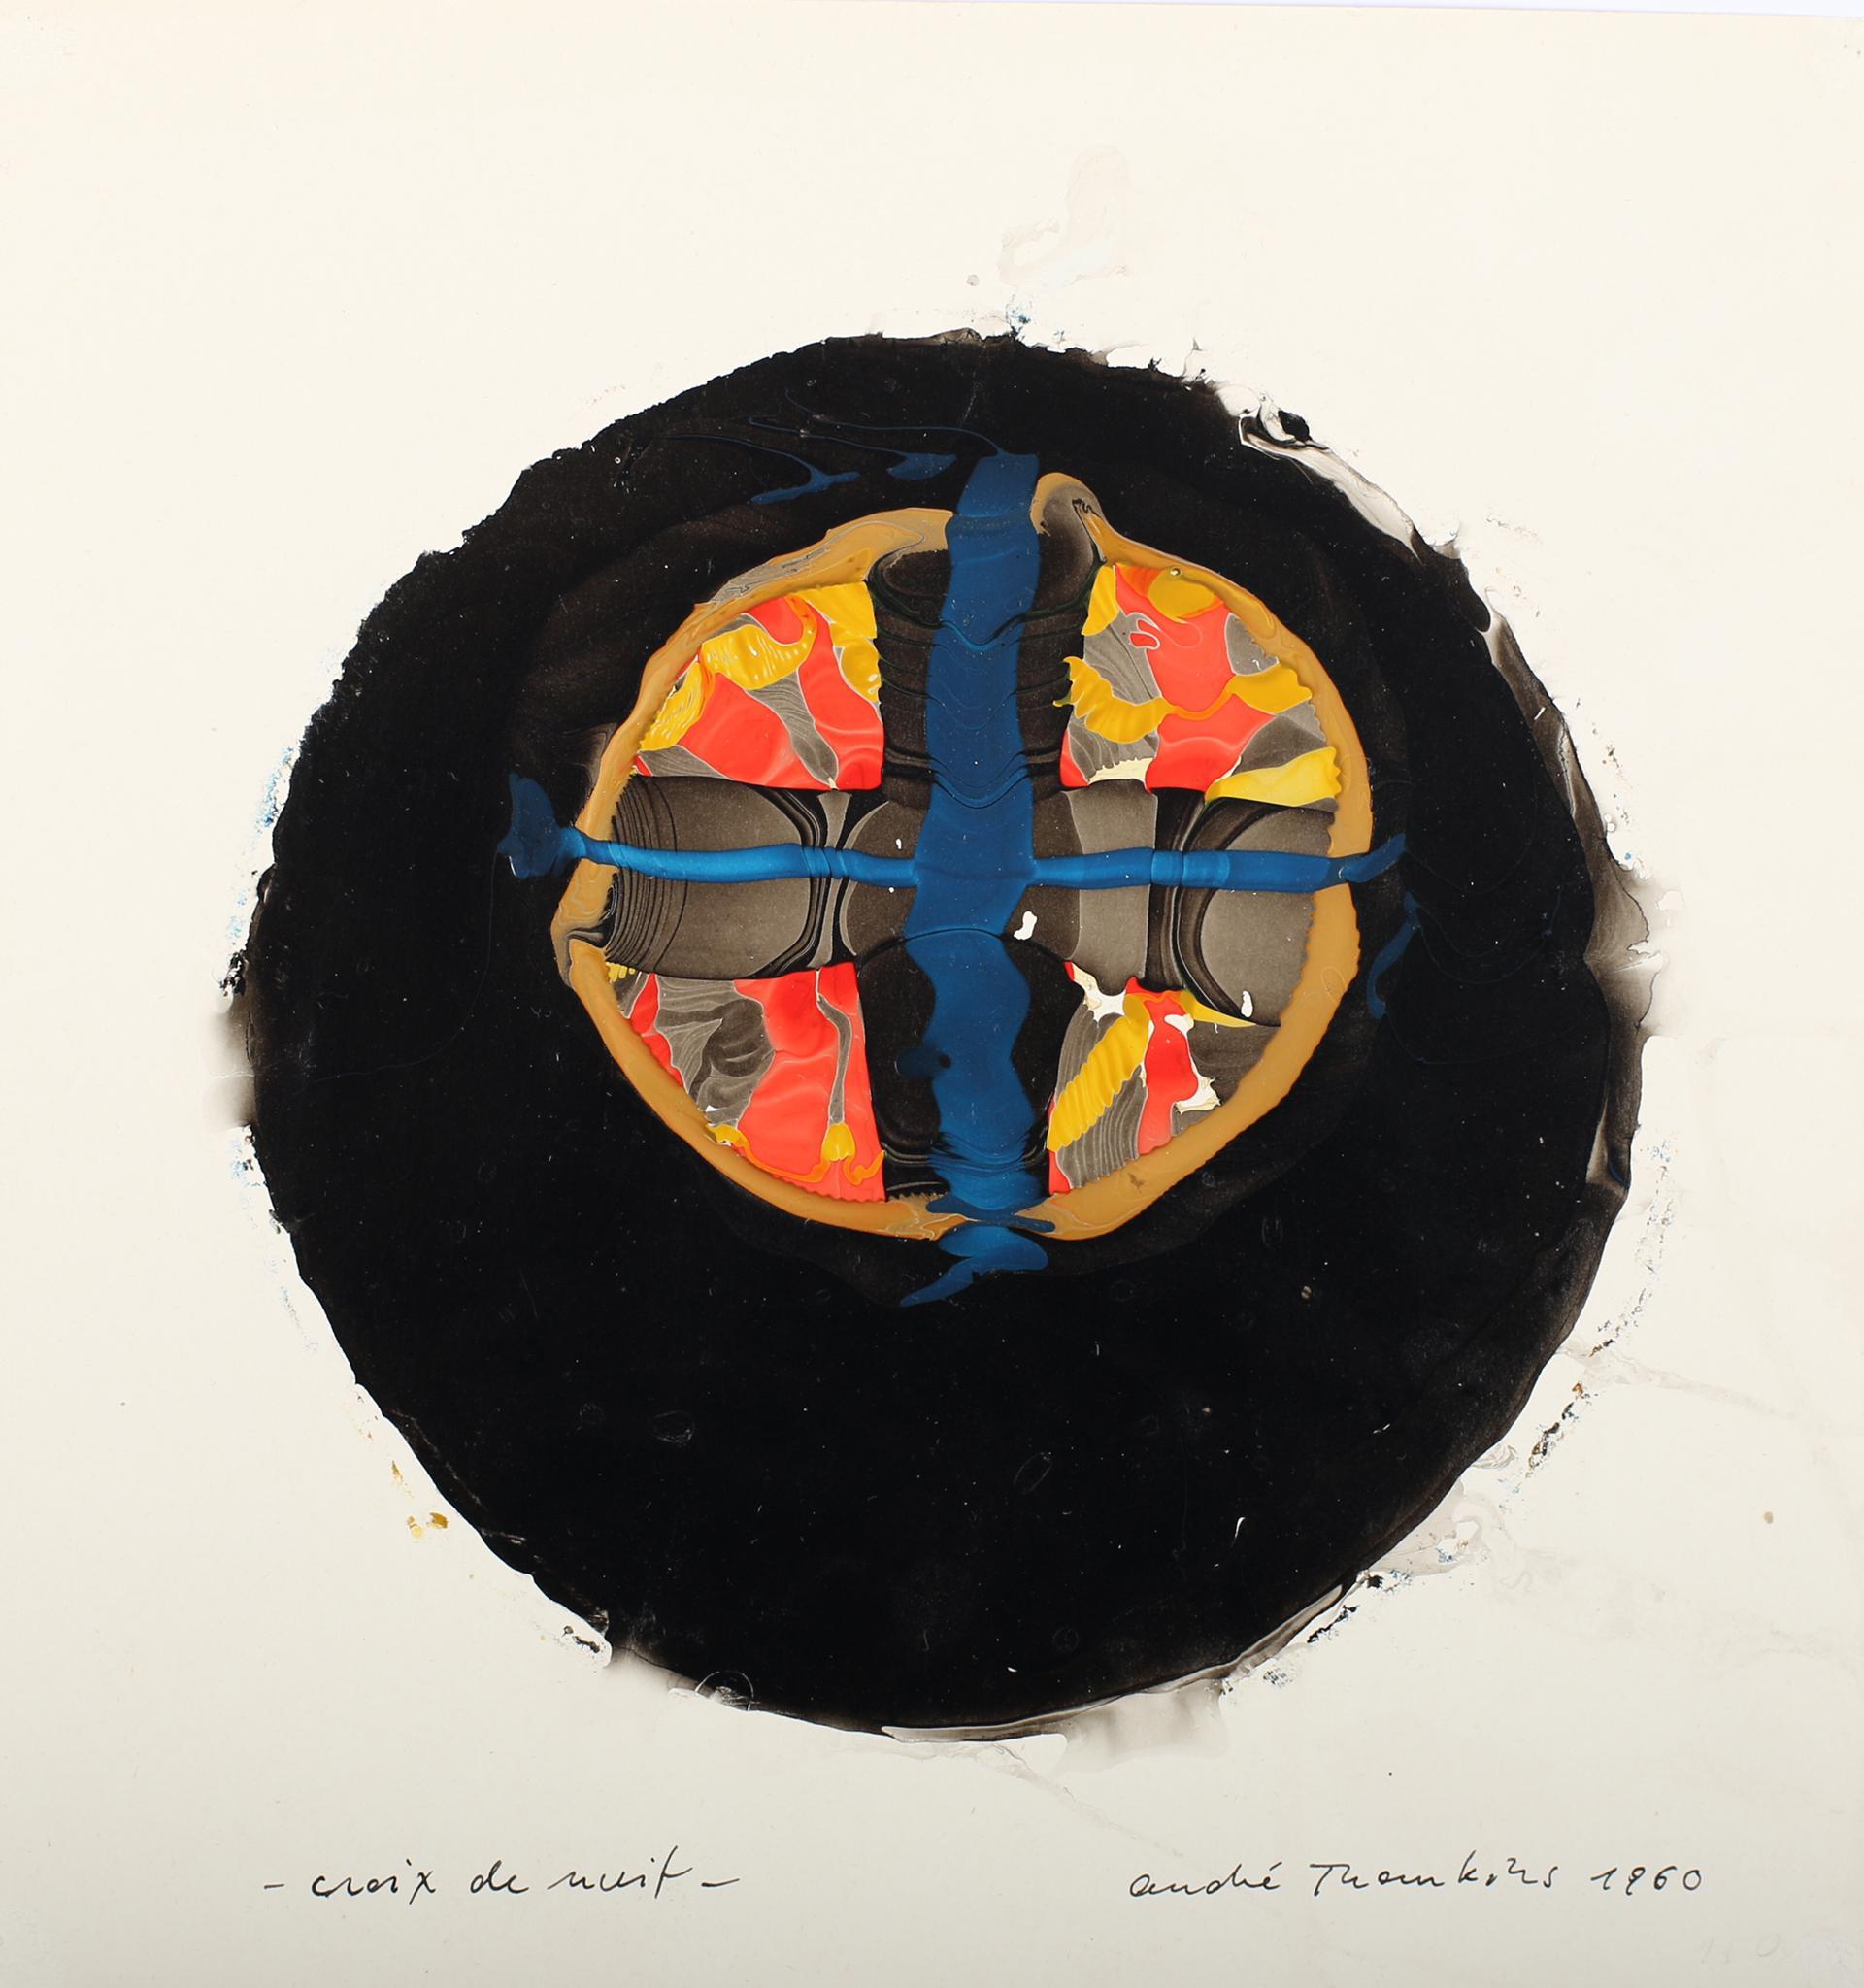 André Thomkins, Croix de nuit, 1960